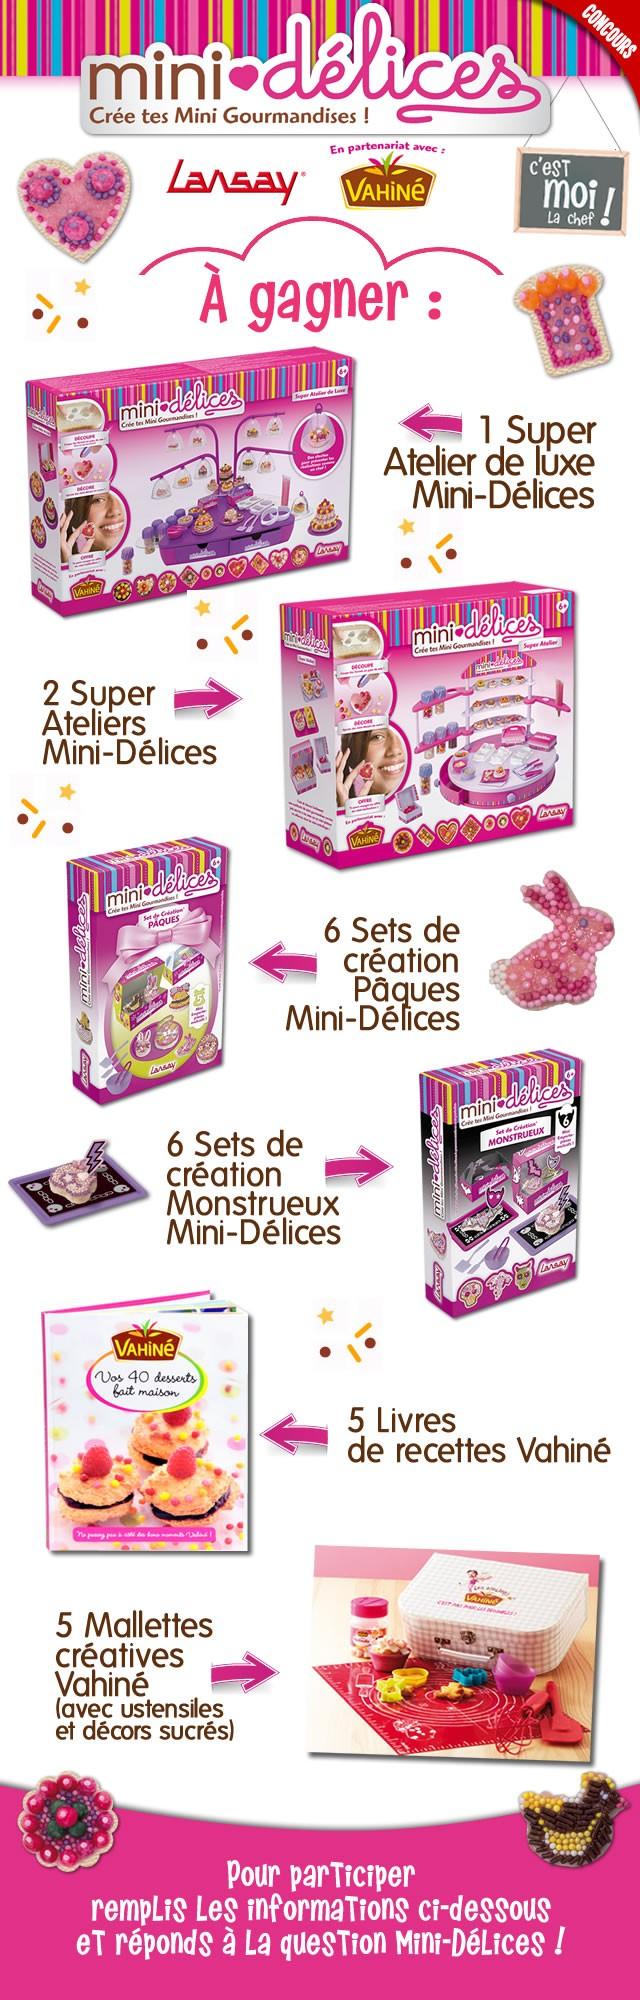 Joue avec Mini-Délices de Lansay et Vahiné et gagne plein de cadeaux !